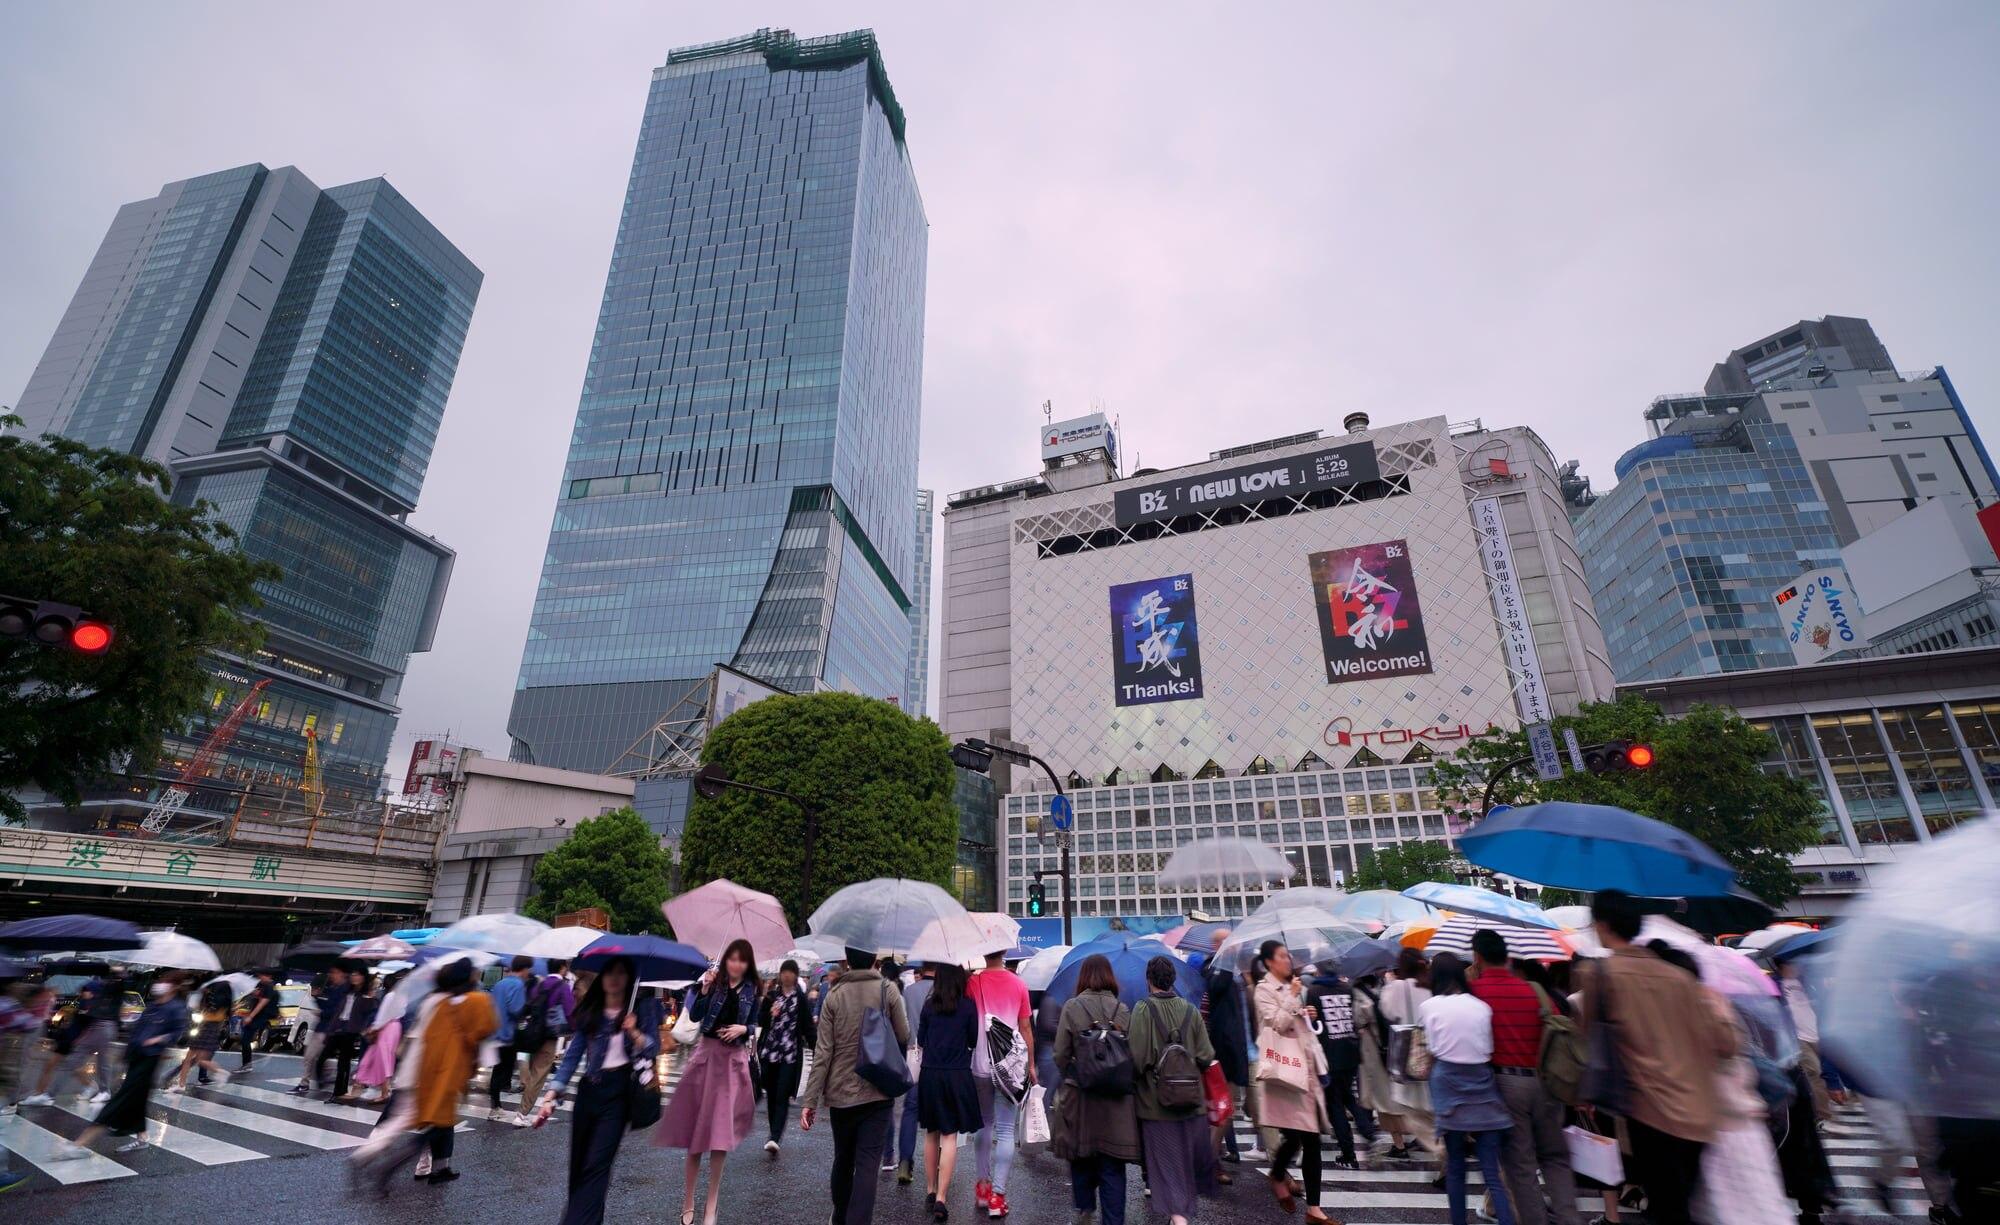 話題沸騰中!雨の日でも楽しめる東京のおすすめ観光スポット8選